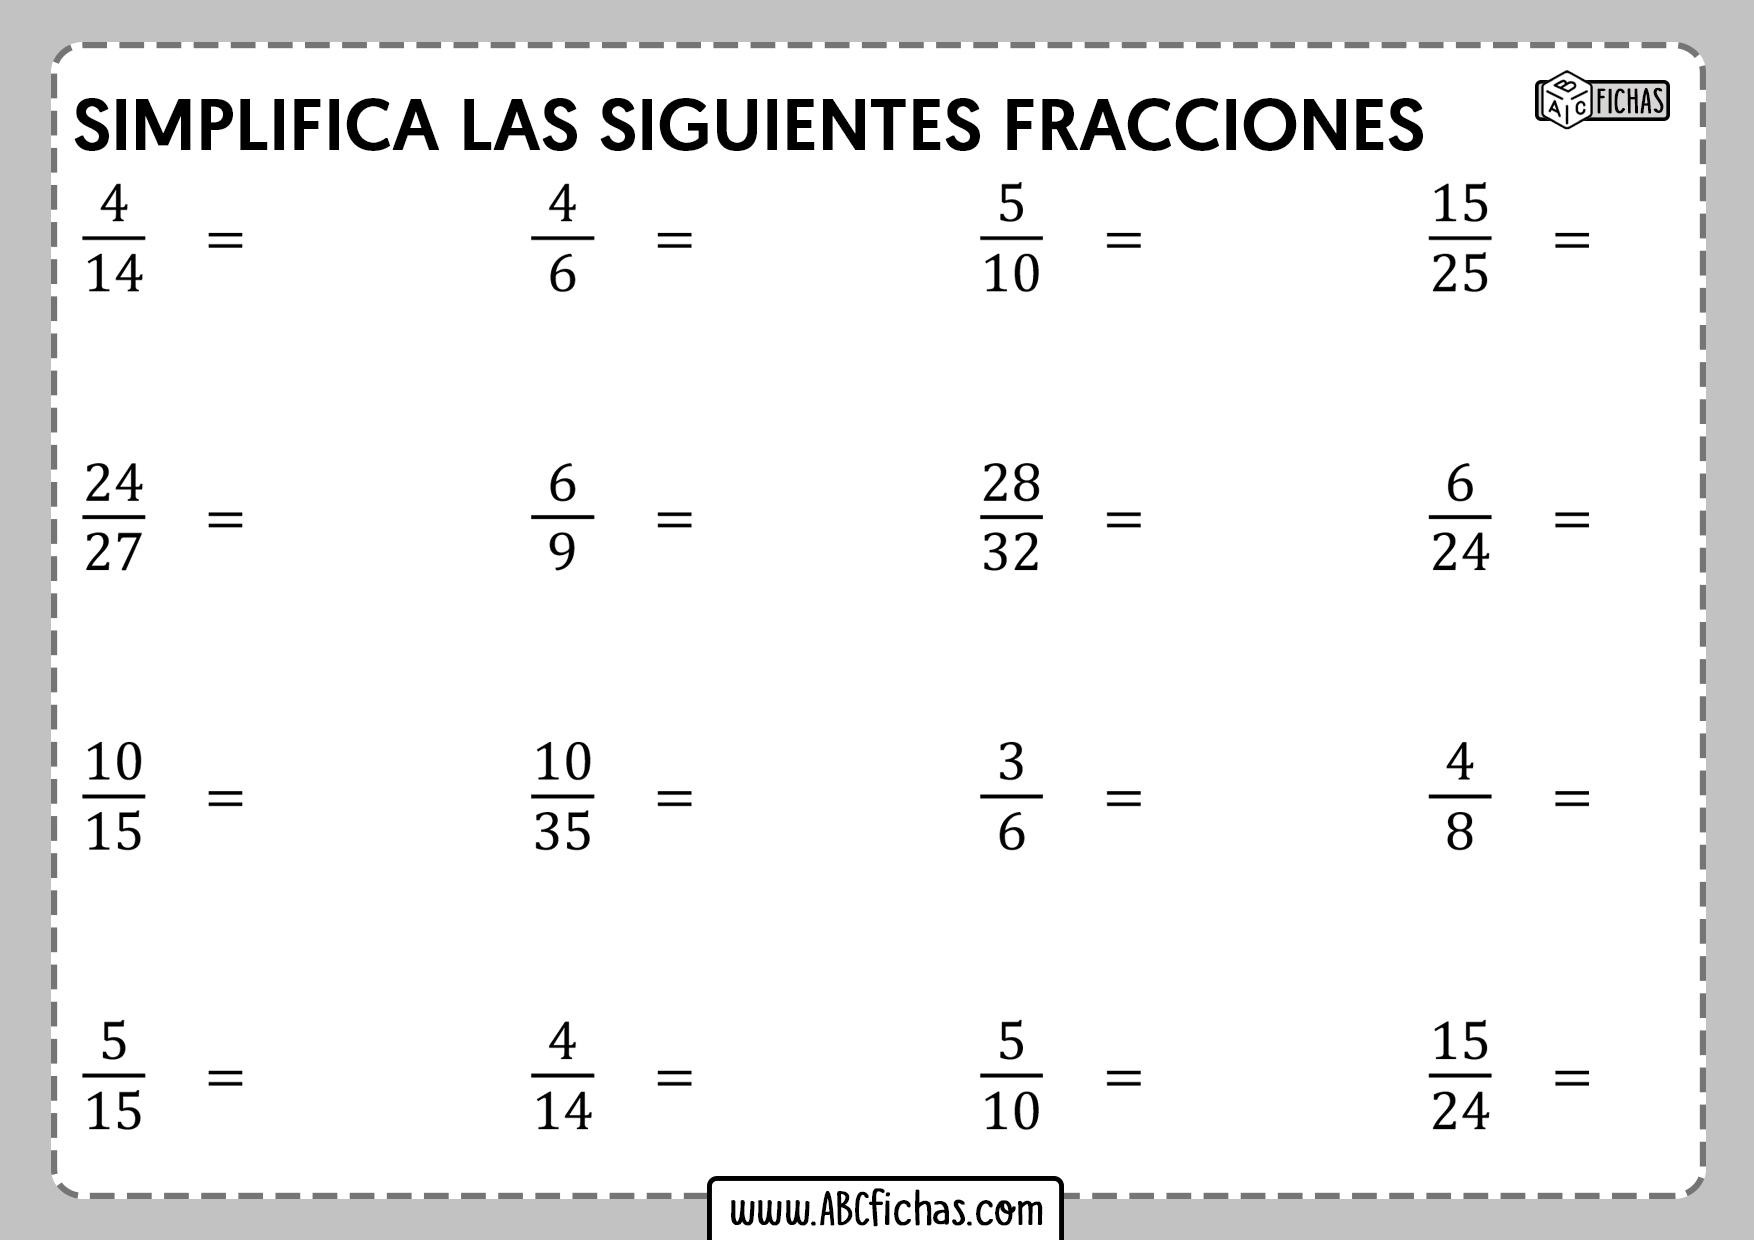 Simplica las siguientes fracciones